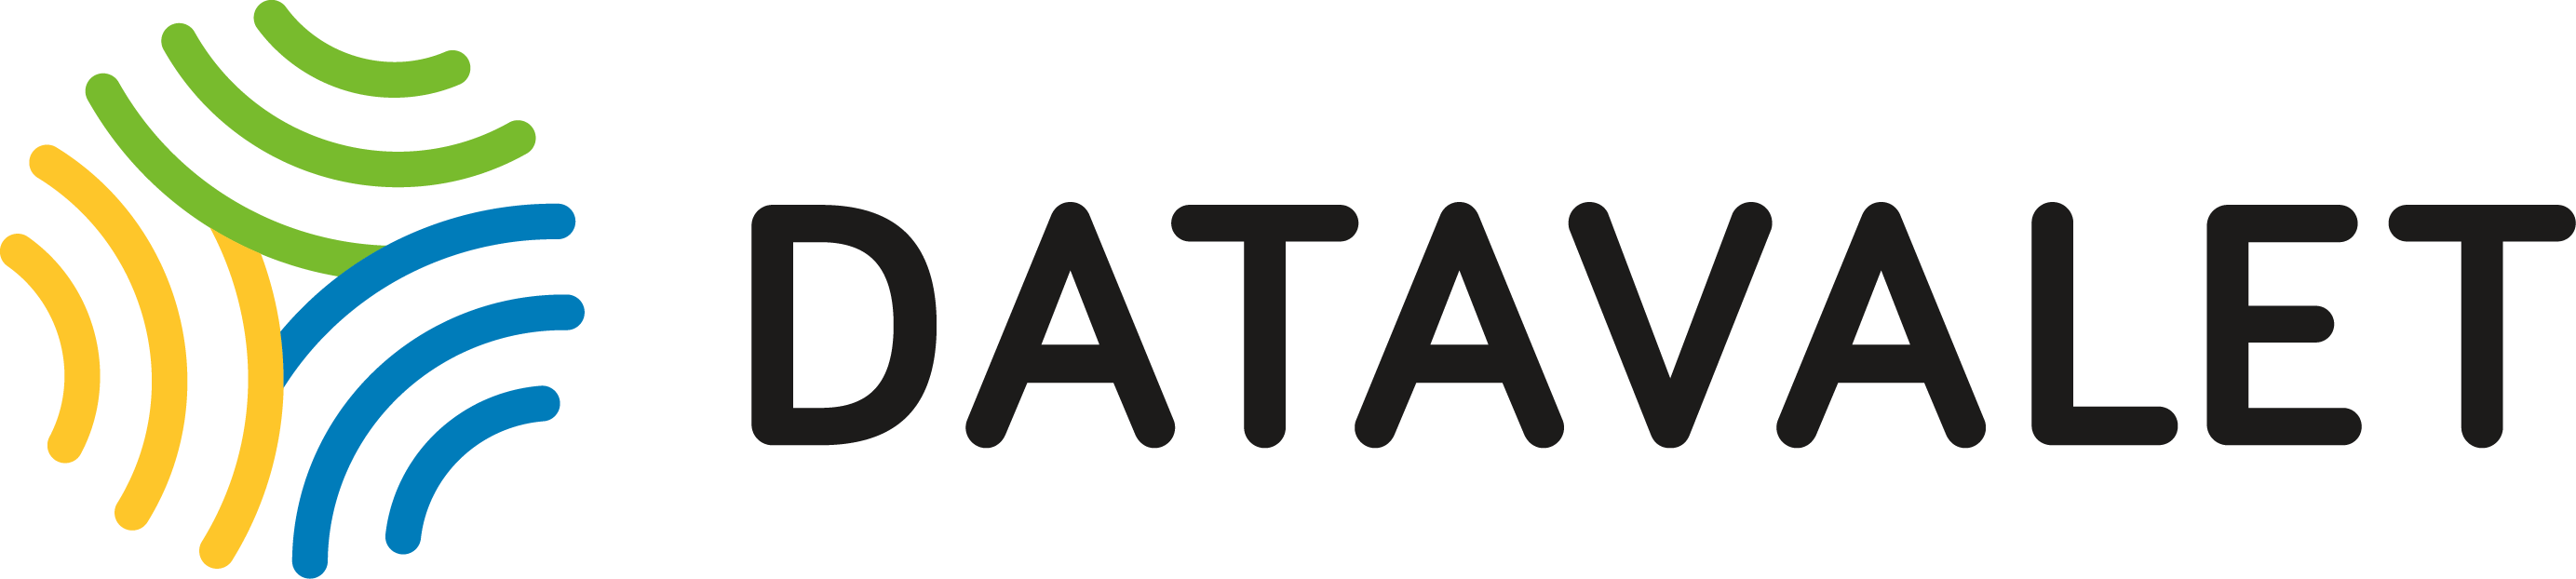 Datavalet Logo